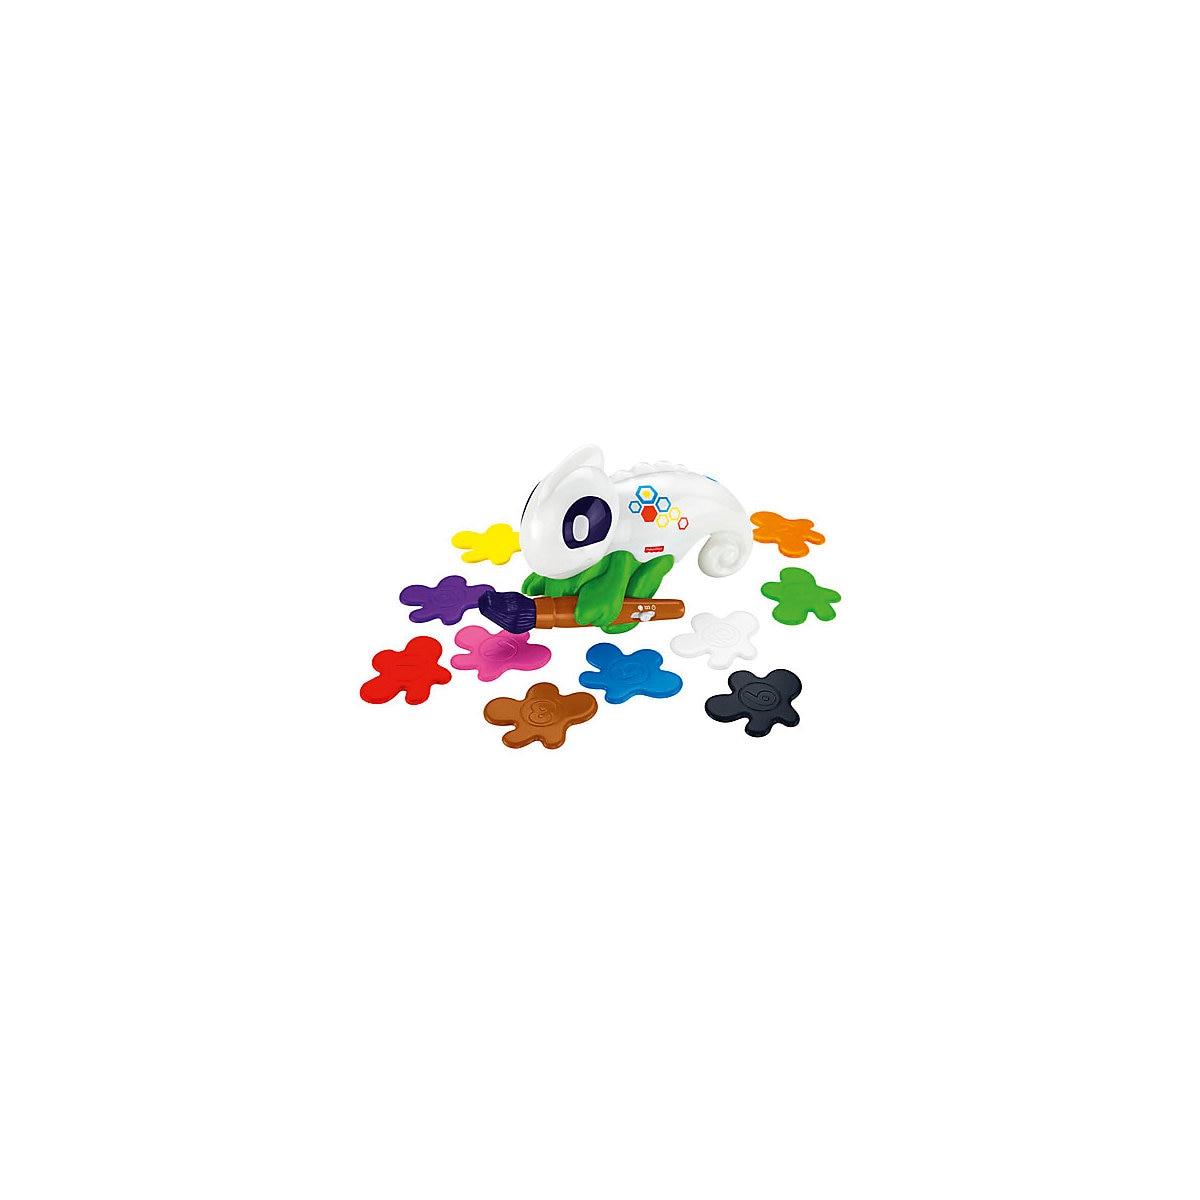 Animaux de compagnie électroniques fisher-price 5378271 Tamagochi Robot jouets interactif chien animaux enfants MTpromo